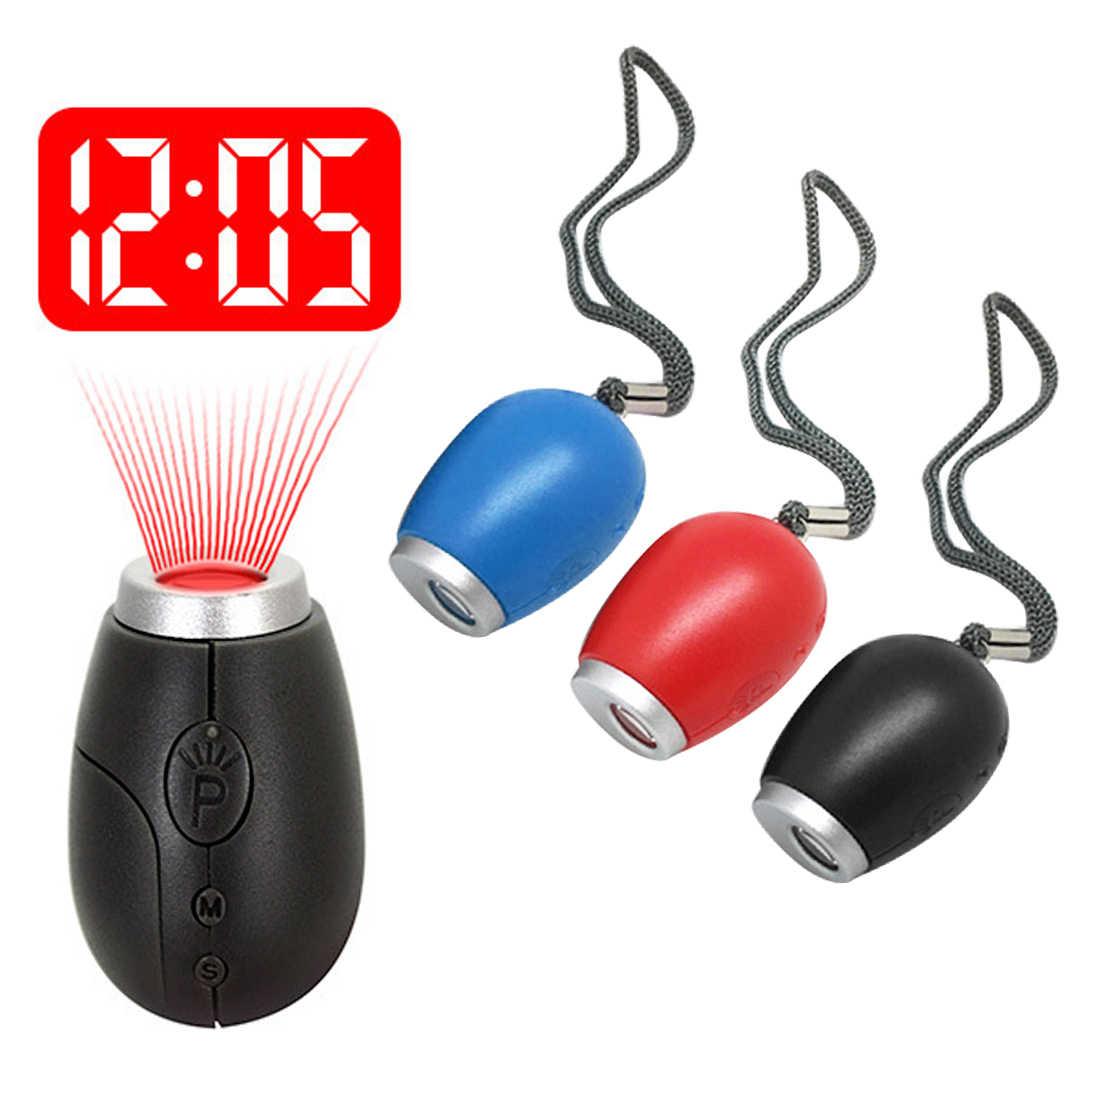 מיני מעורר שעון דיגיטלי הקרנת LED Keychain עיצוב שעון לילה אור קסם מקרן שעון עם כפתור סוללה